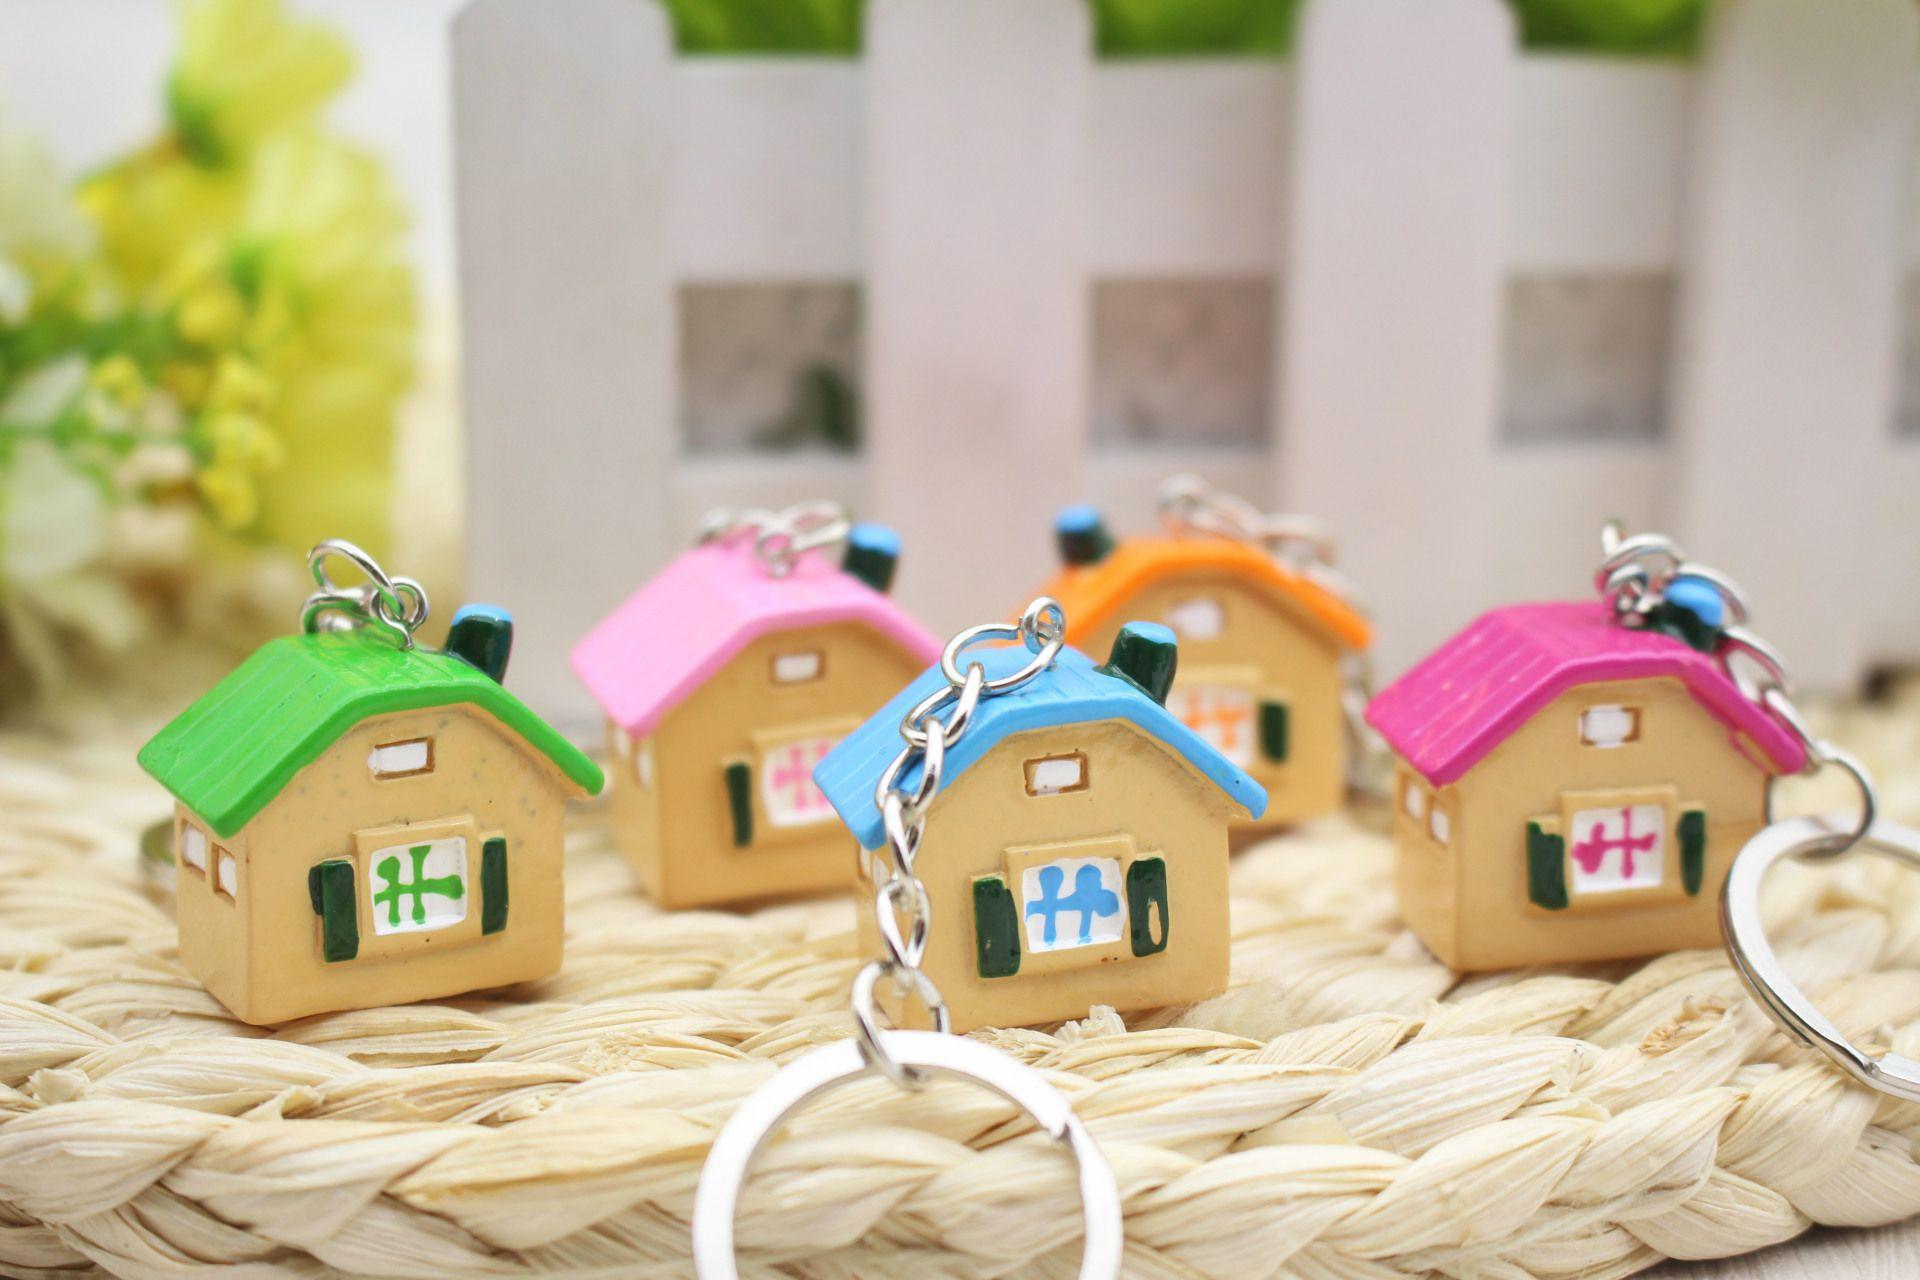 وصول جديدة لطيف ورائعة سلسلة مفتاح البيت الإبداعية أكياس الهدايا قلادة والاكسسوارات لون المزيج